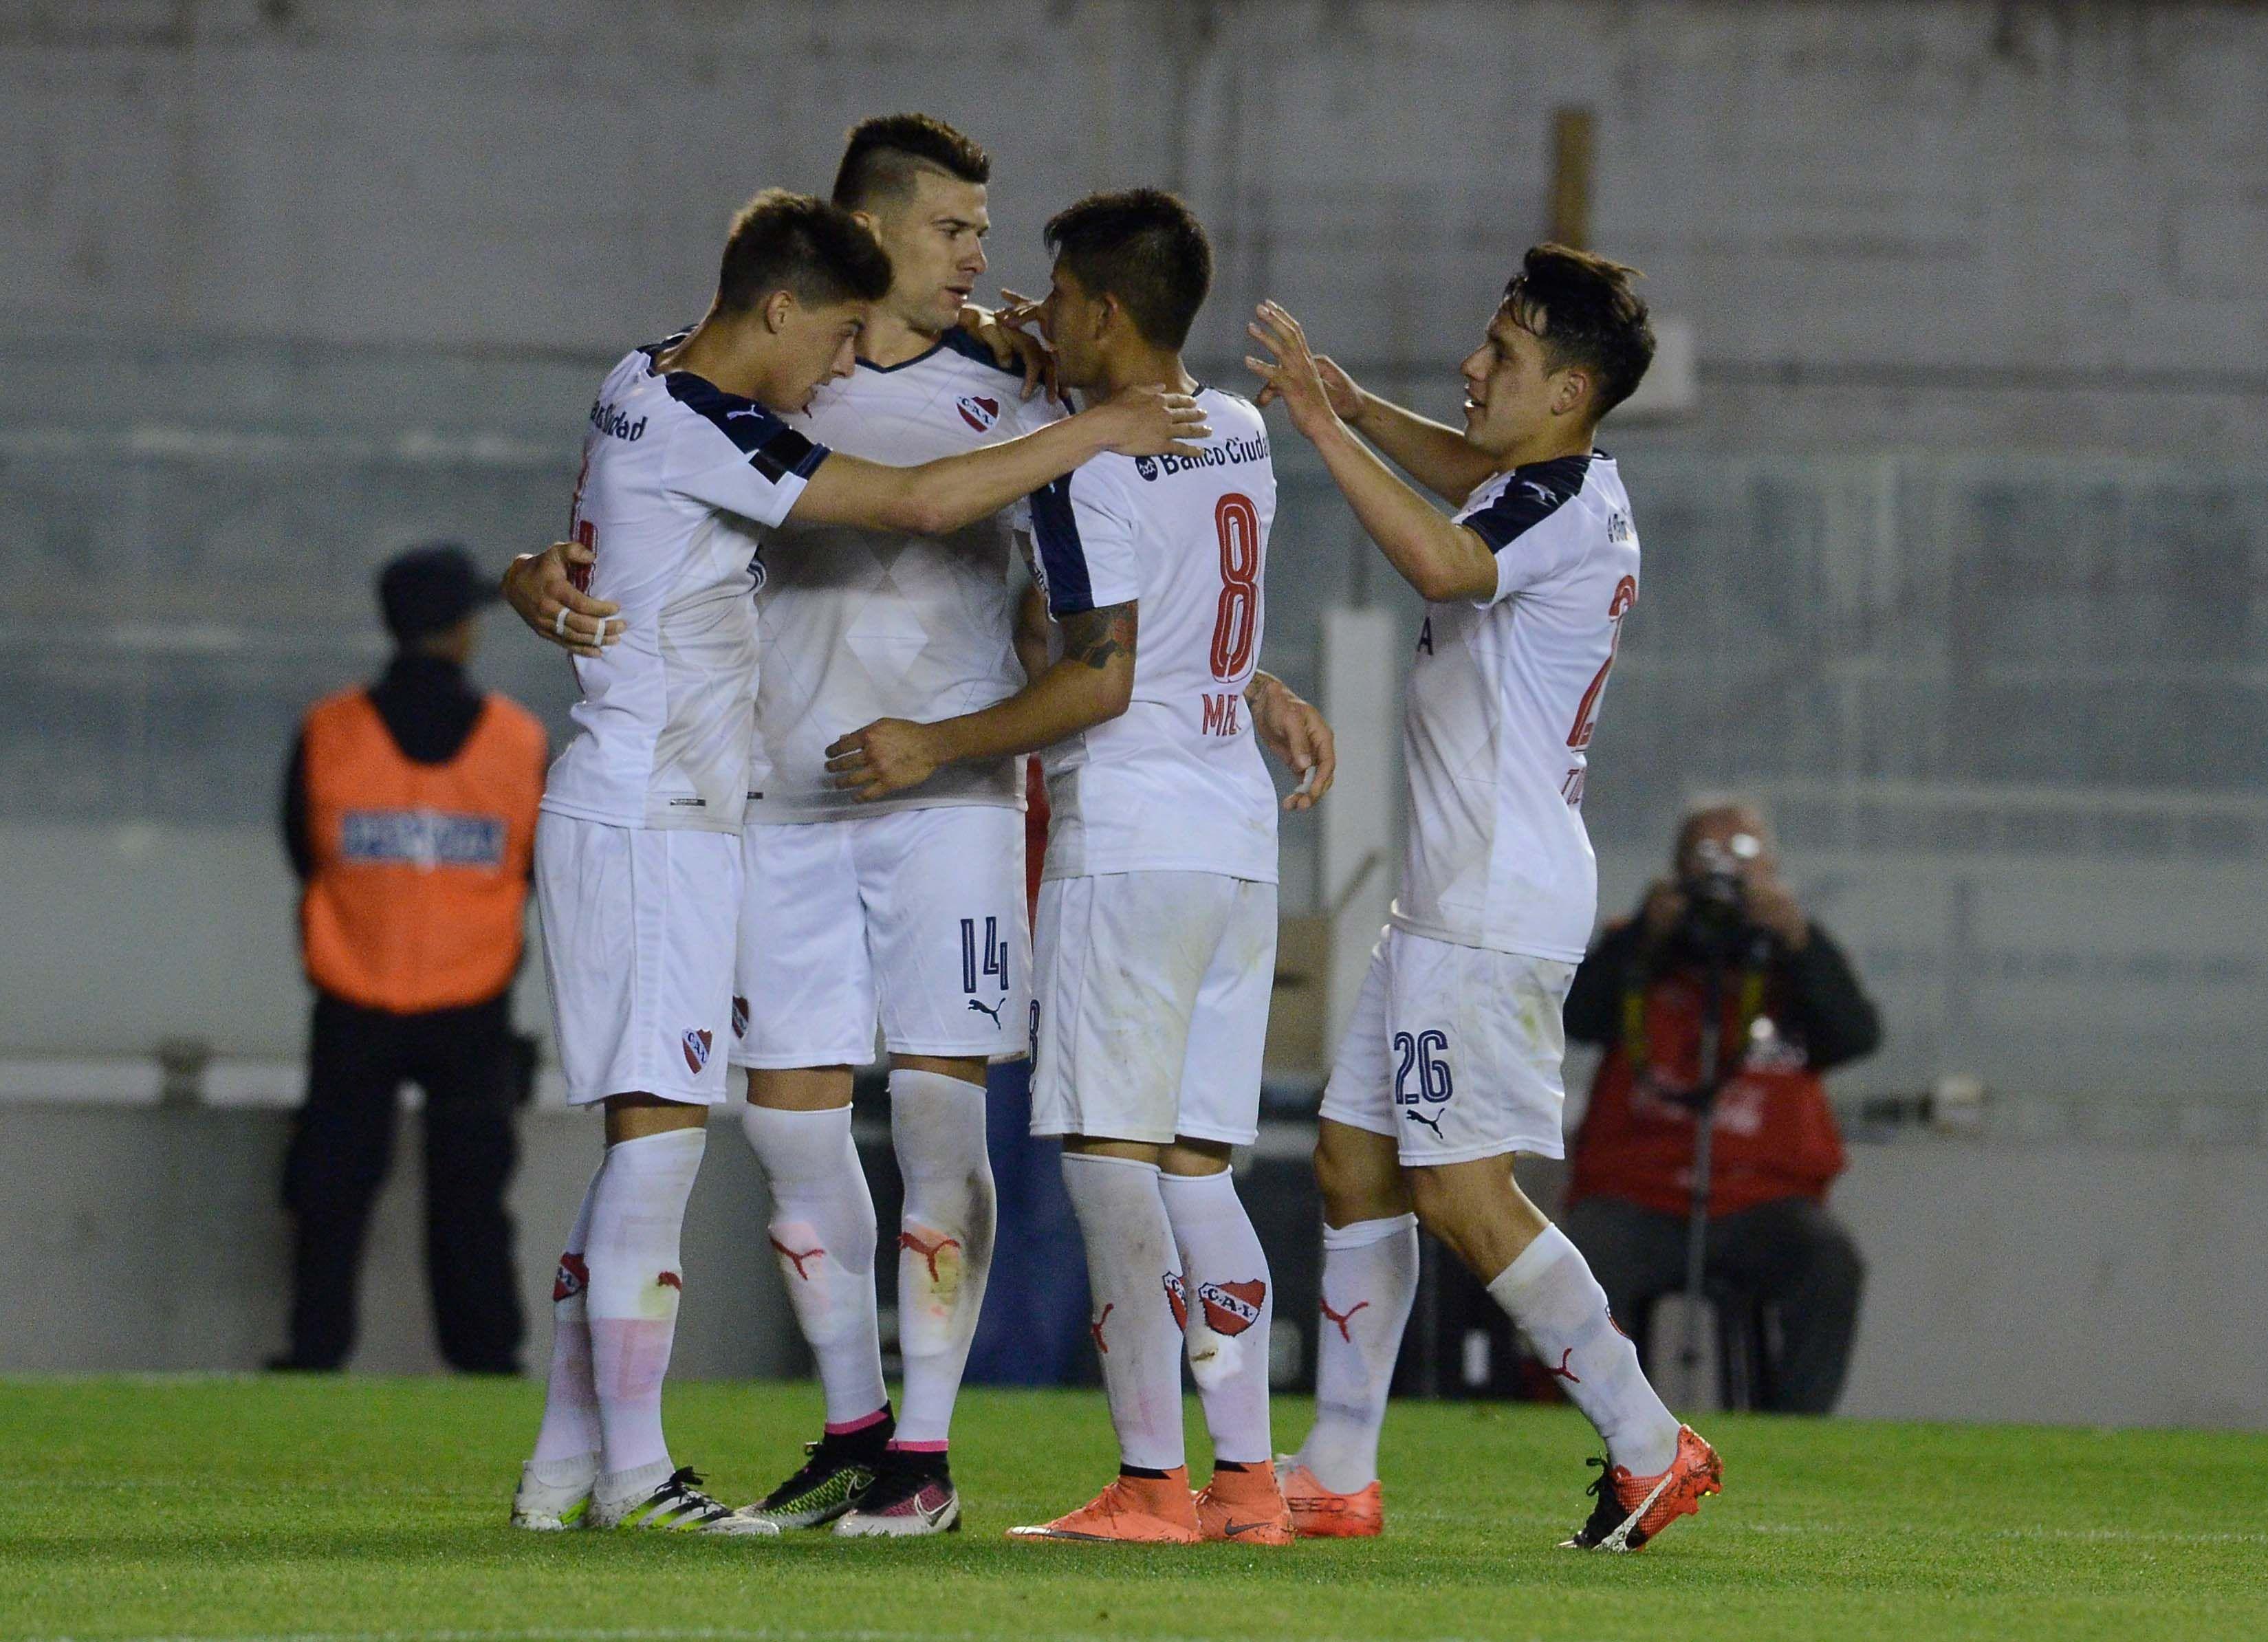 En un atrapante partido, Independiente y Tigre empataron en Avellaneda